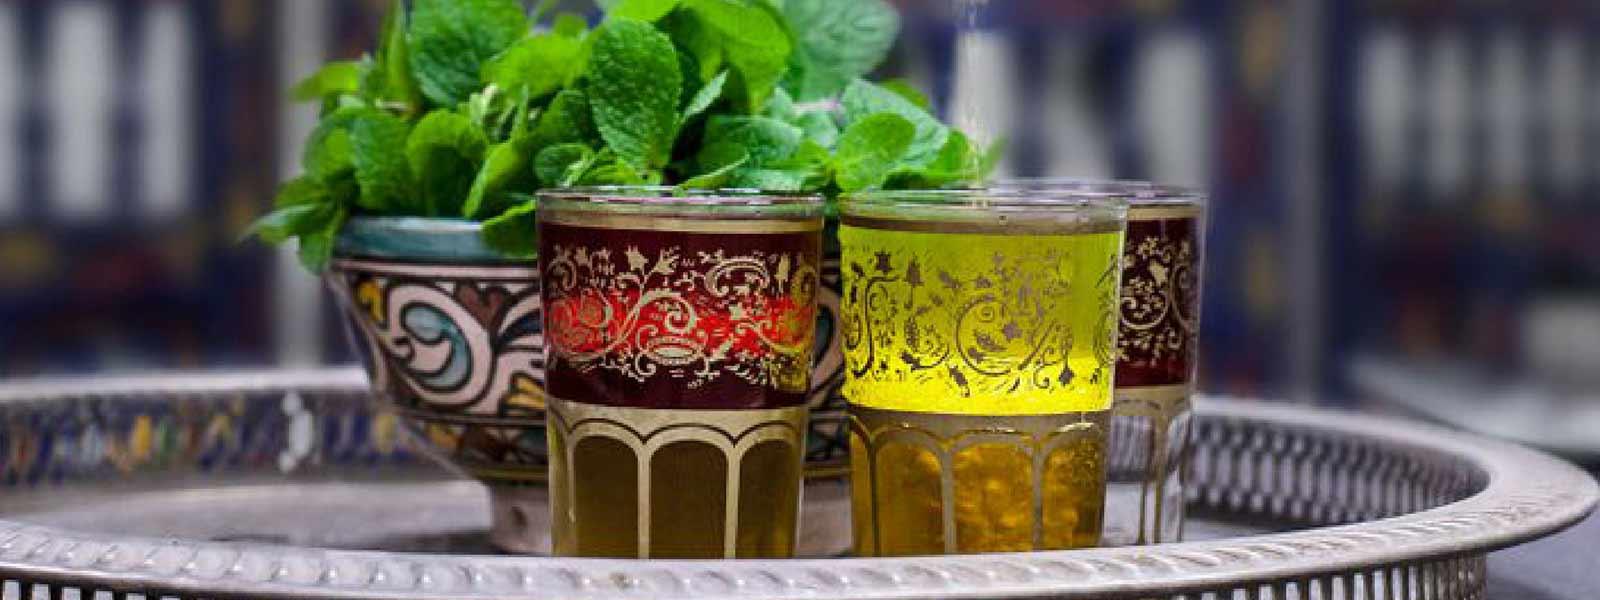 Moroccan Tea glasses glasswear